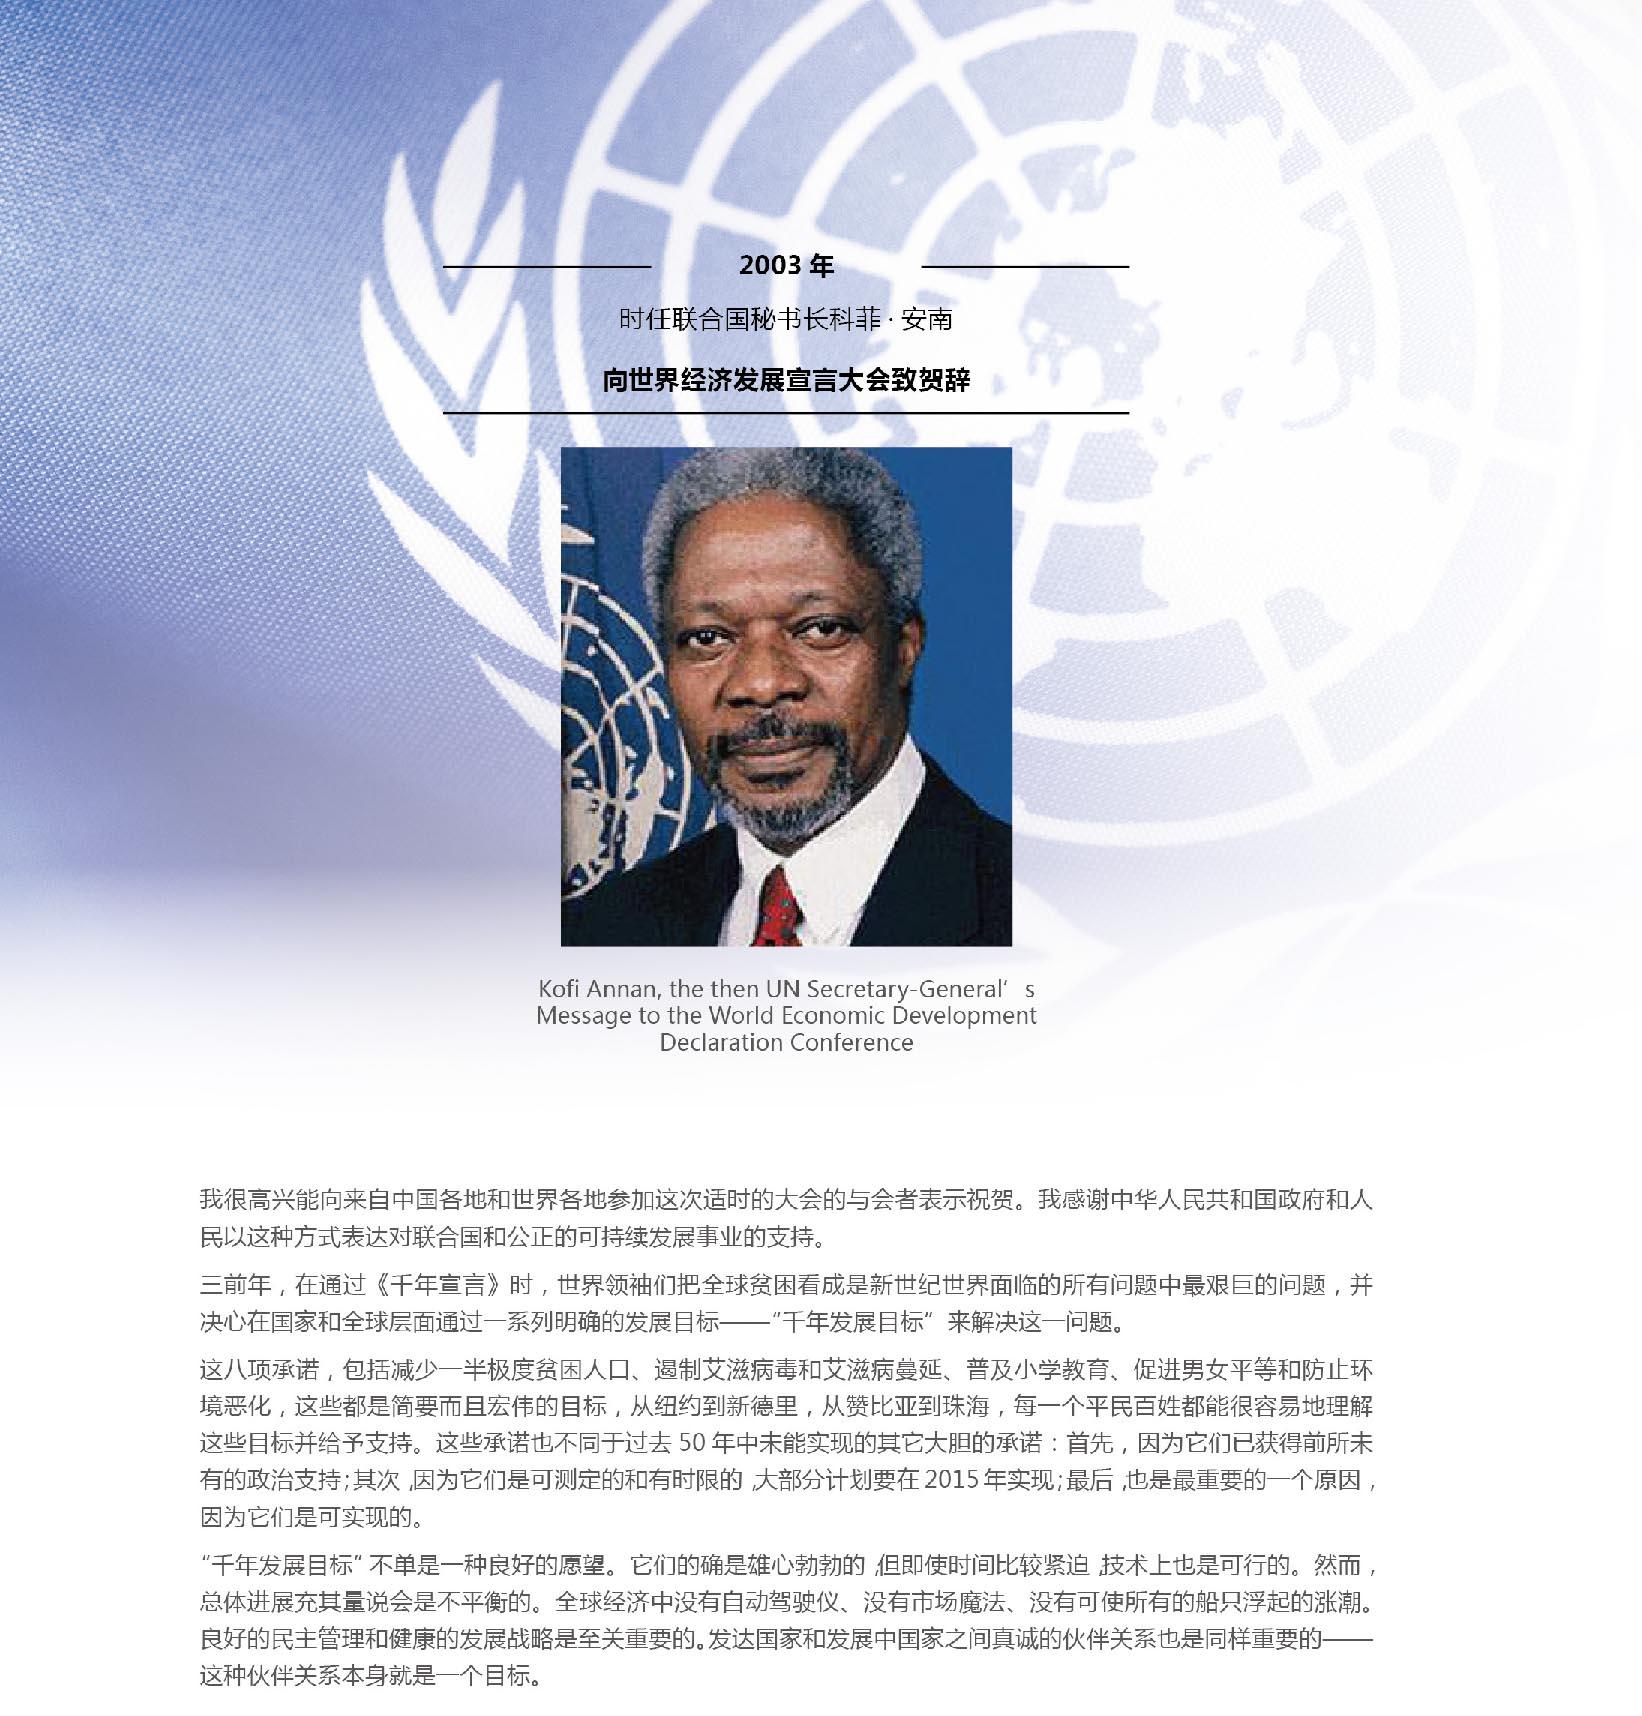 2003年,时任联合国秘书长科菲·安南 向世界经济发展宣言大会致贺辞